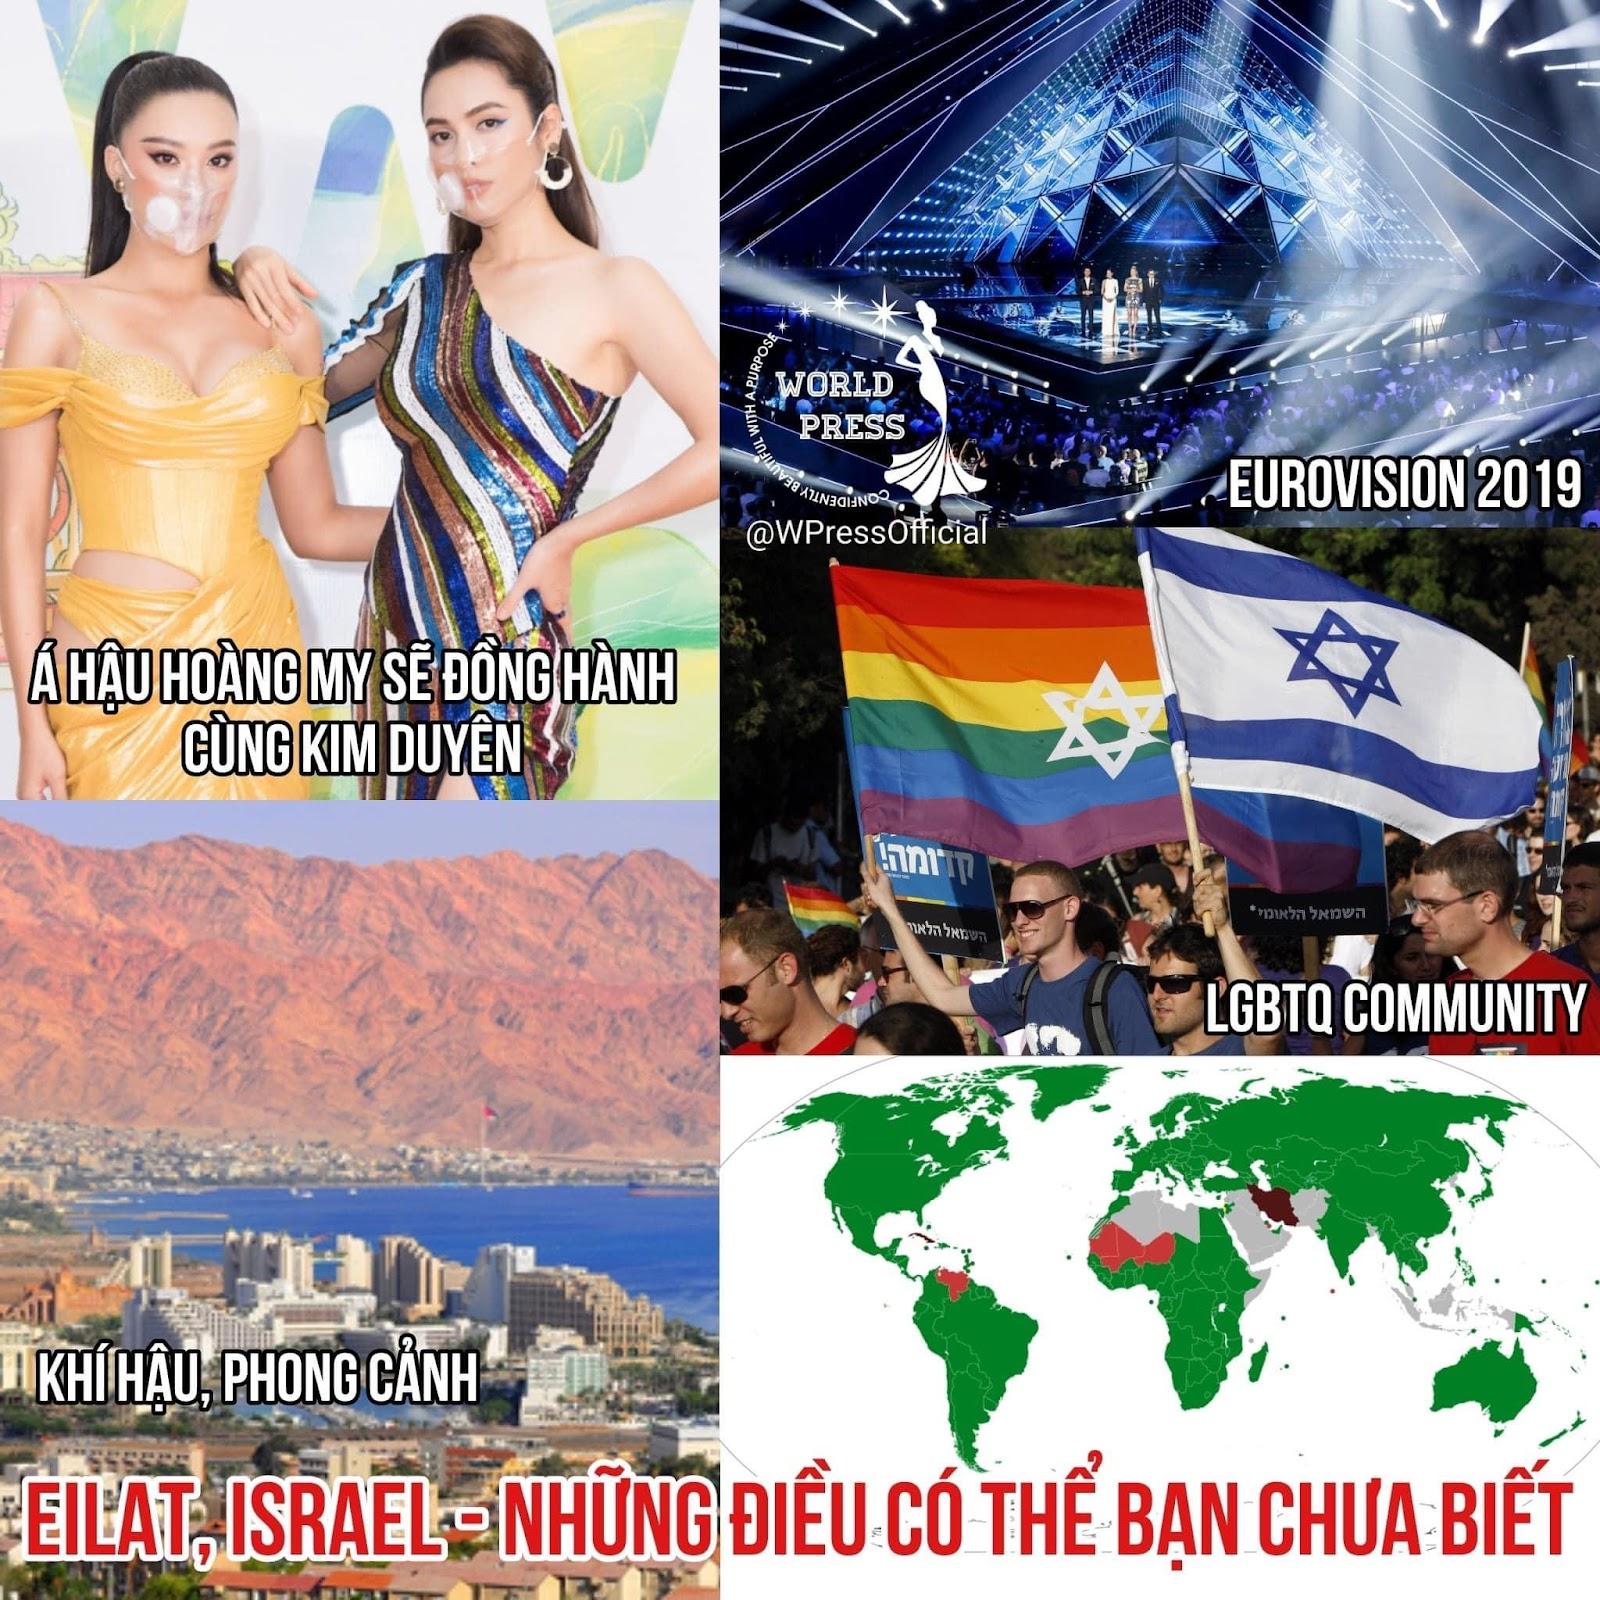 Thông tin chính thức từ Miss Universe, Kim Duyên sẵn sàng chinh chiến